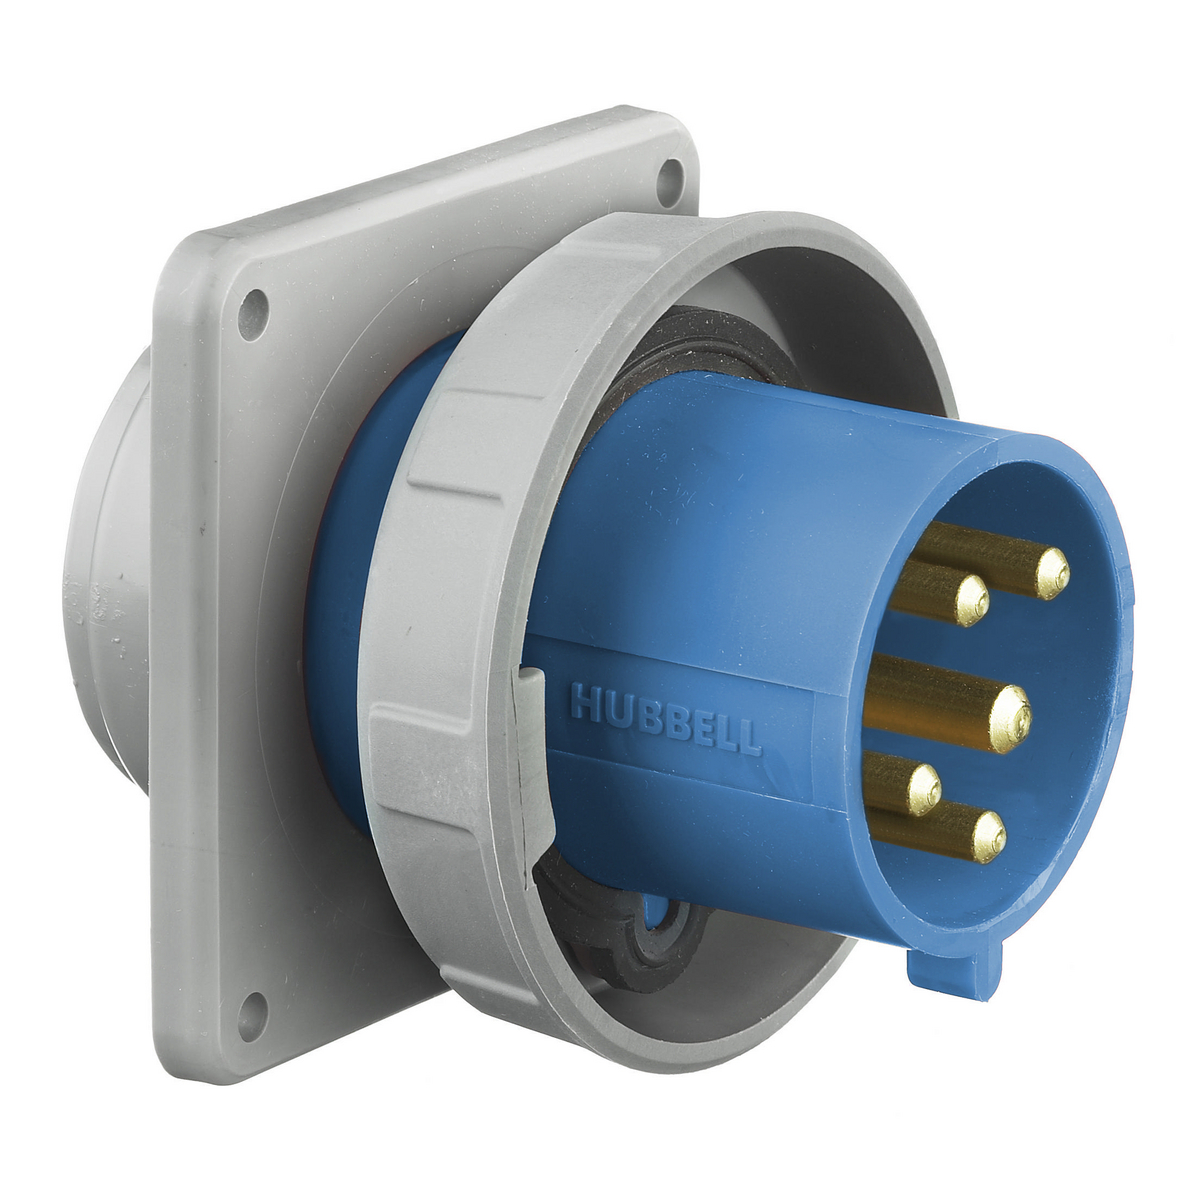 Hubbell HBL530B9W PS, IEC, B, 4P5W, 30/32A 120/208V, IP67